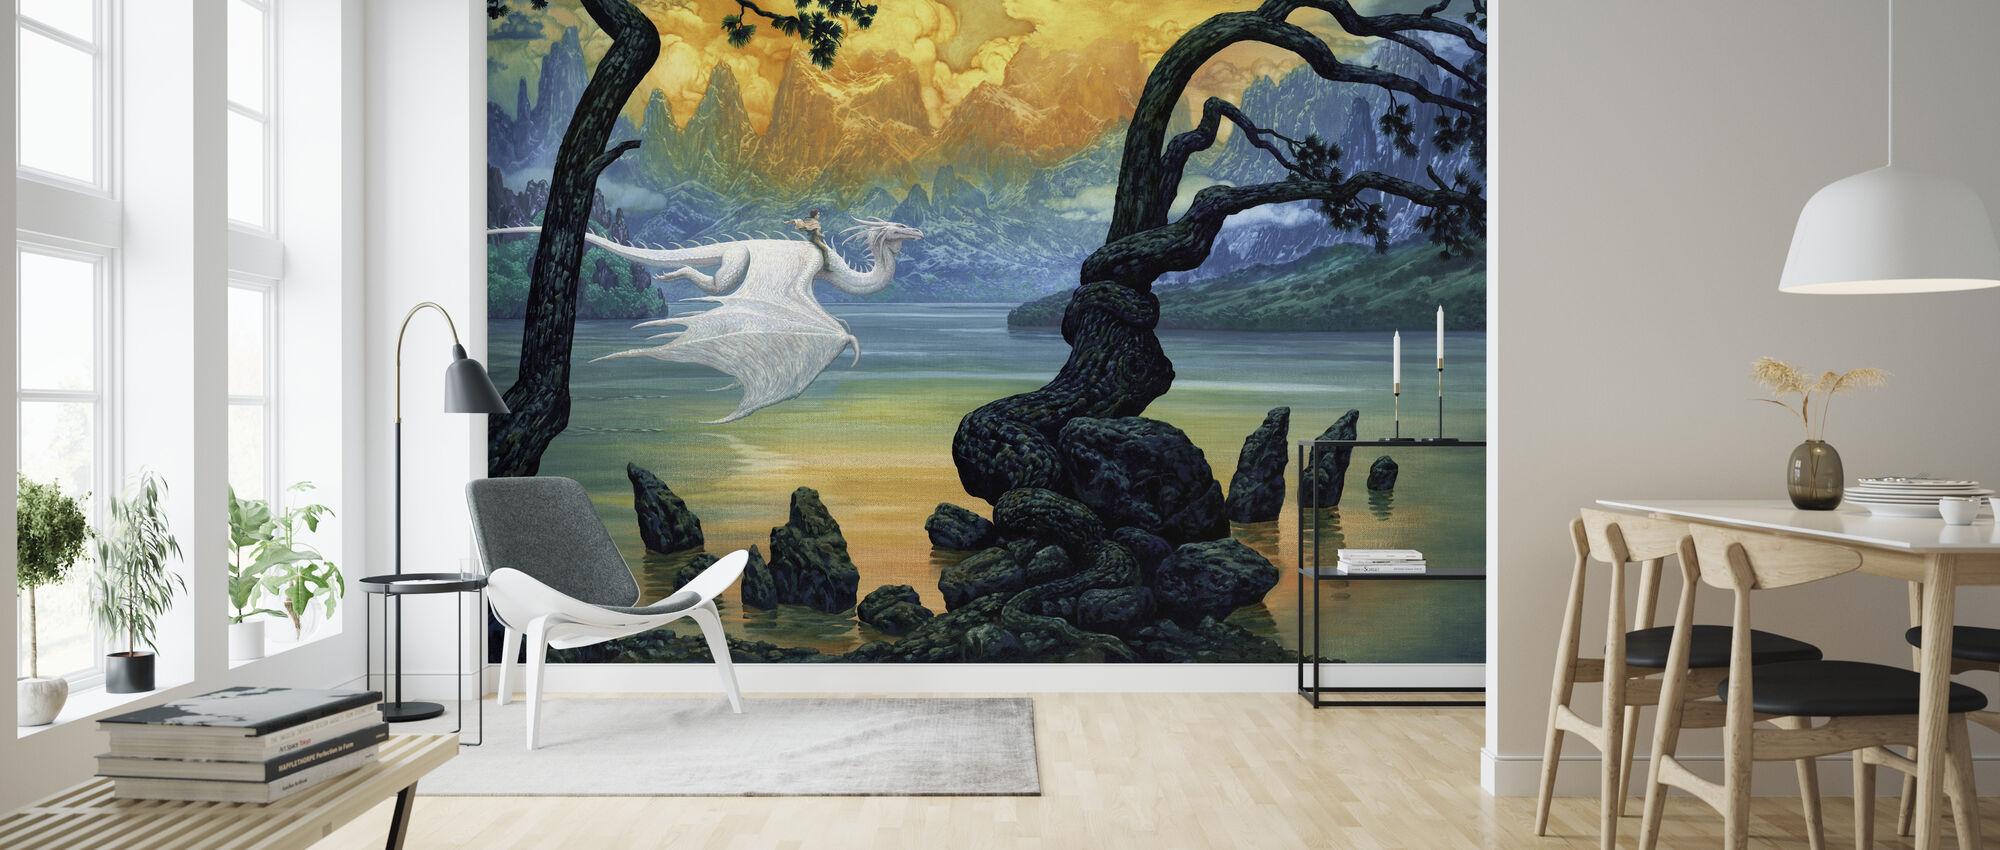 Lake - Wallpaper - Living Room